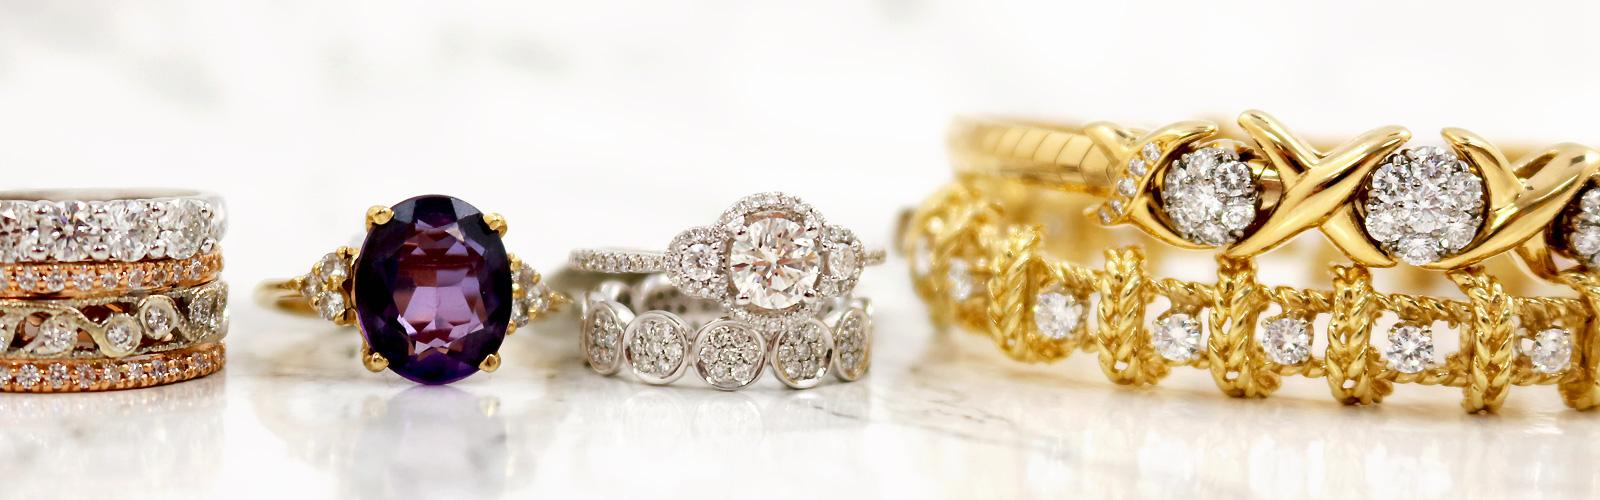 Estate Jewelry - Bentley Diamond